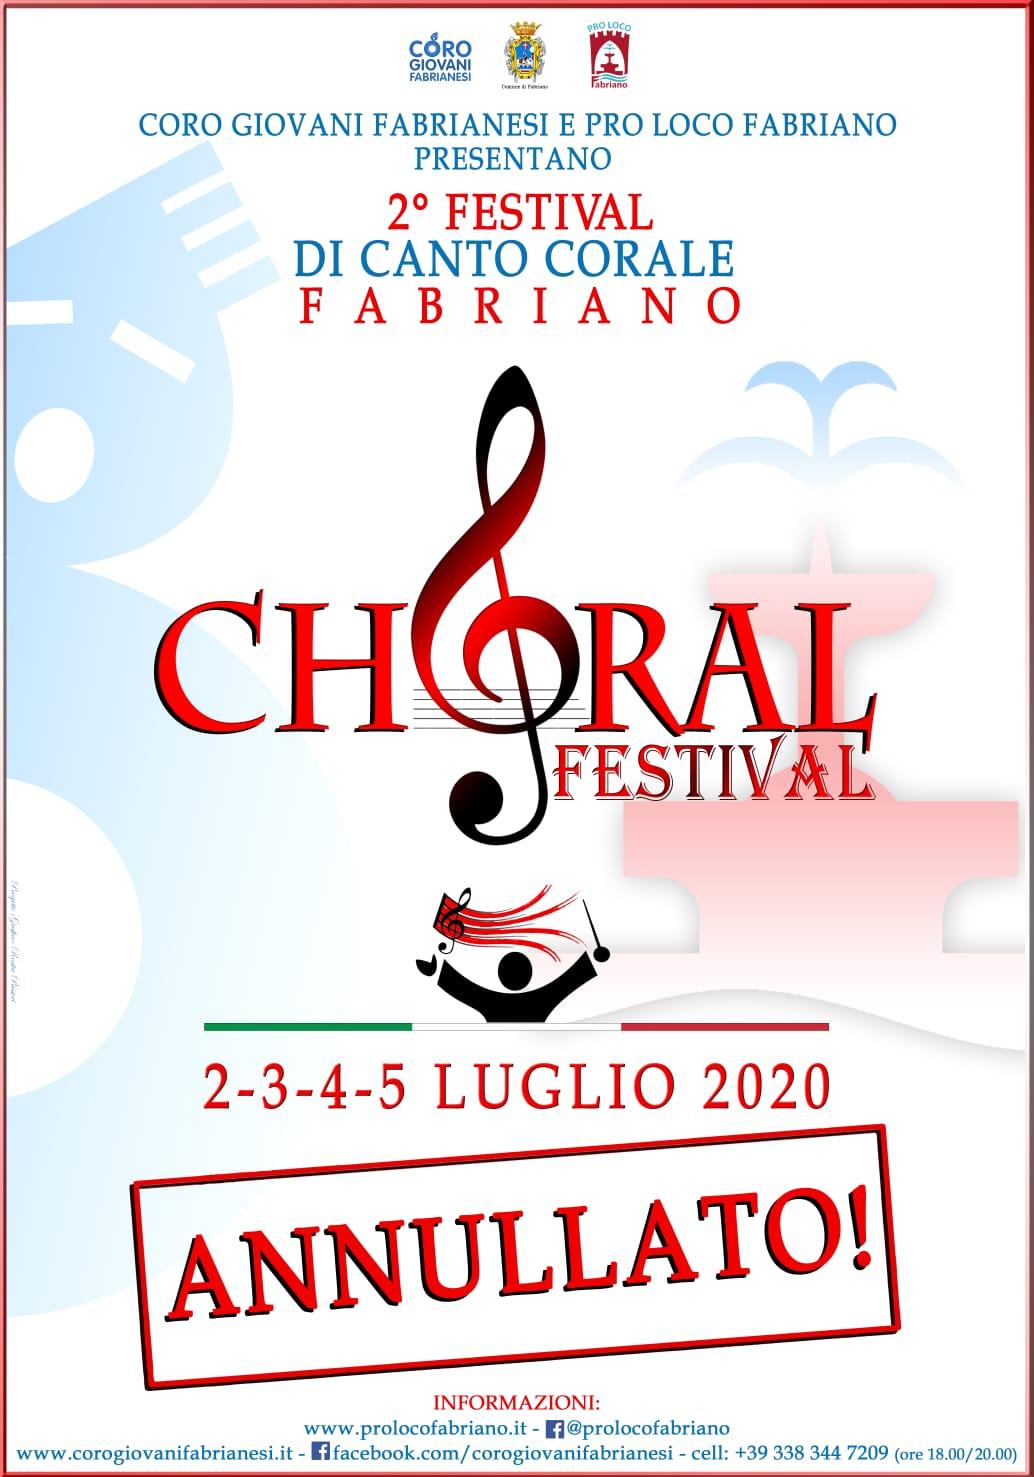 Fabriano Choral Festival annullato